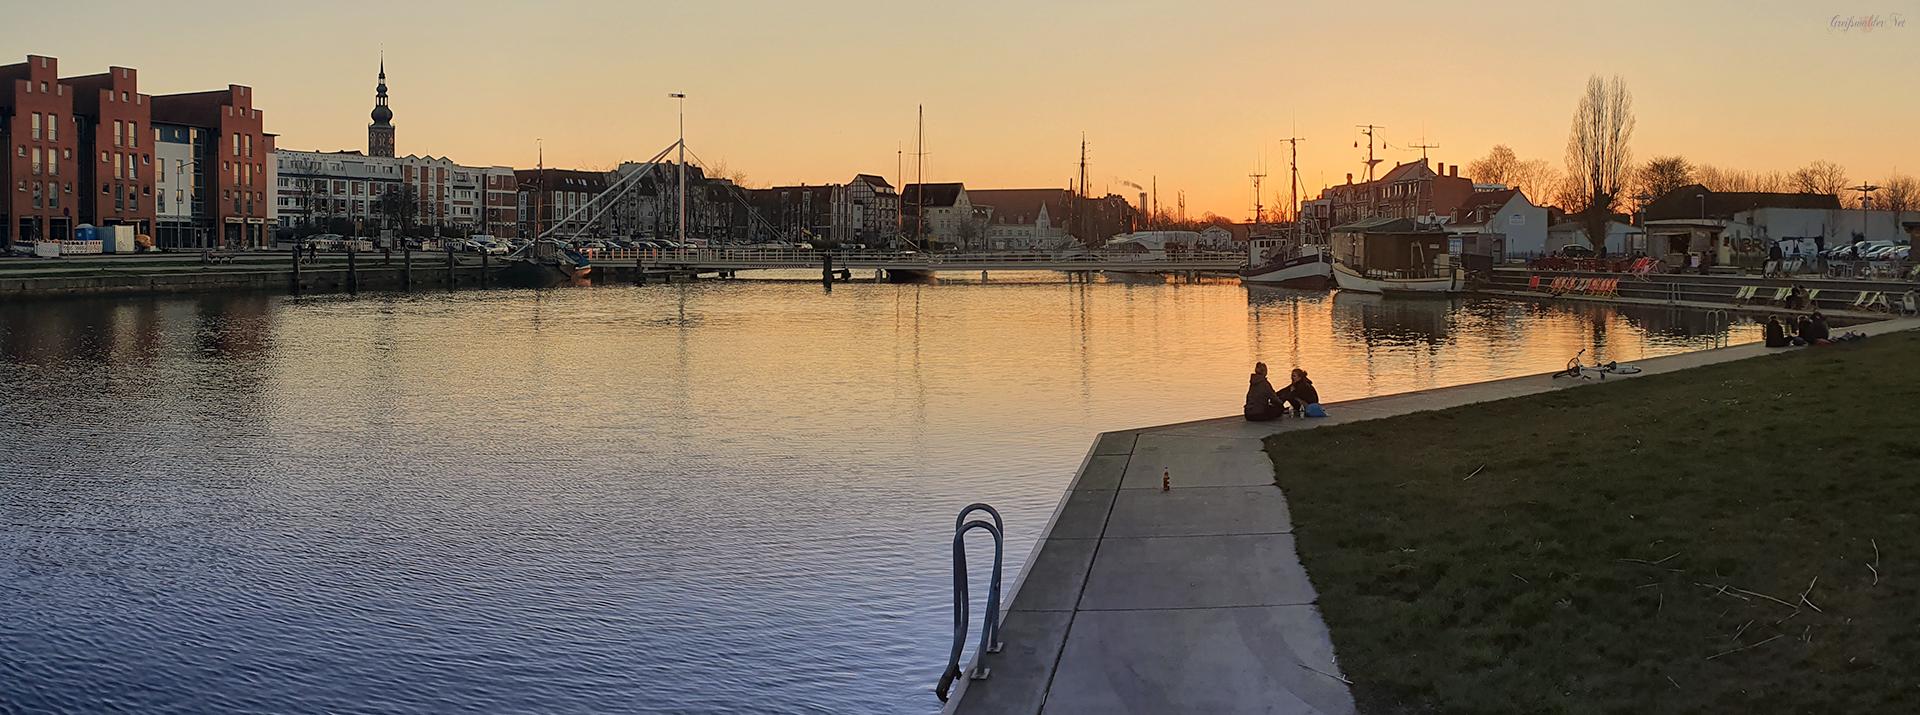 Vorfrühlingsabend am Museumshafen in Greifswald